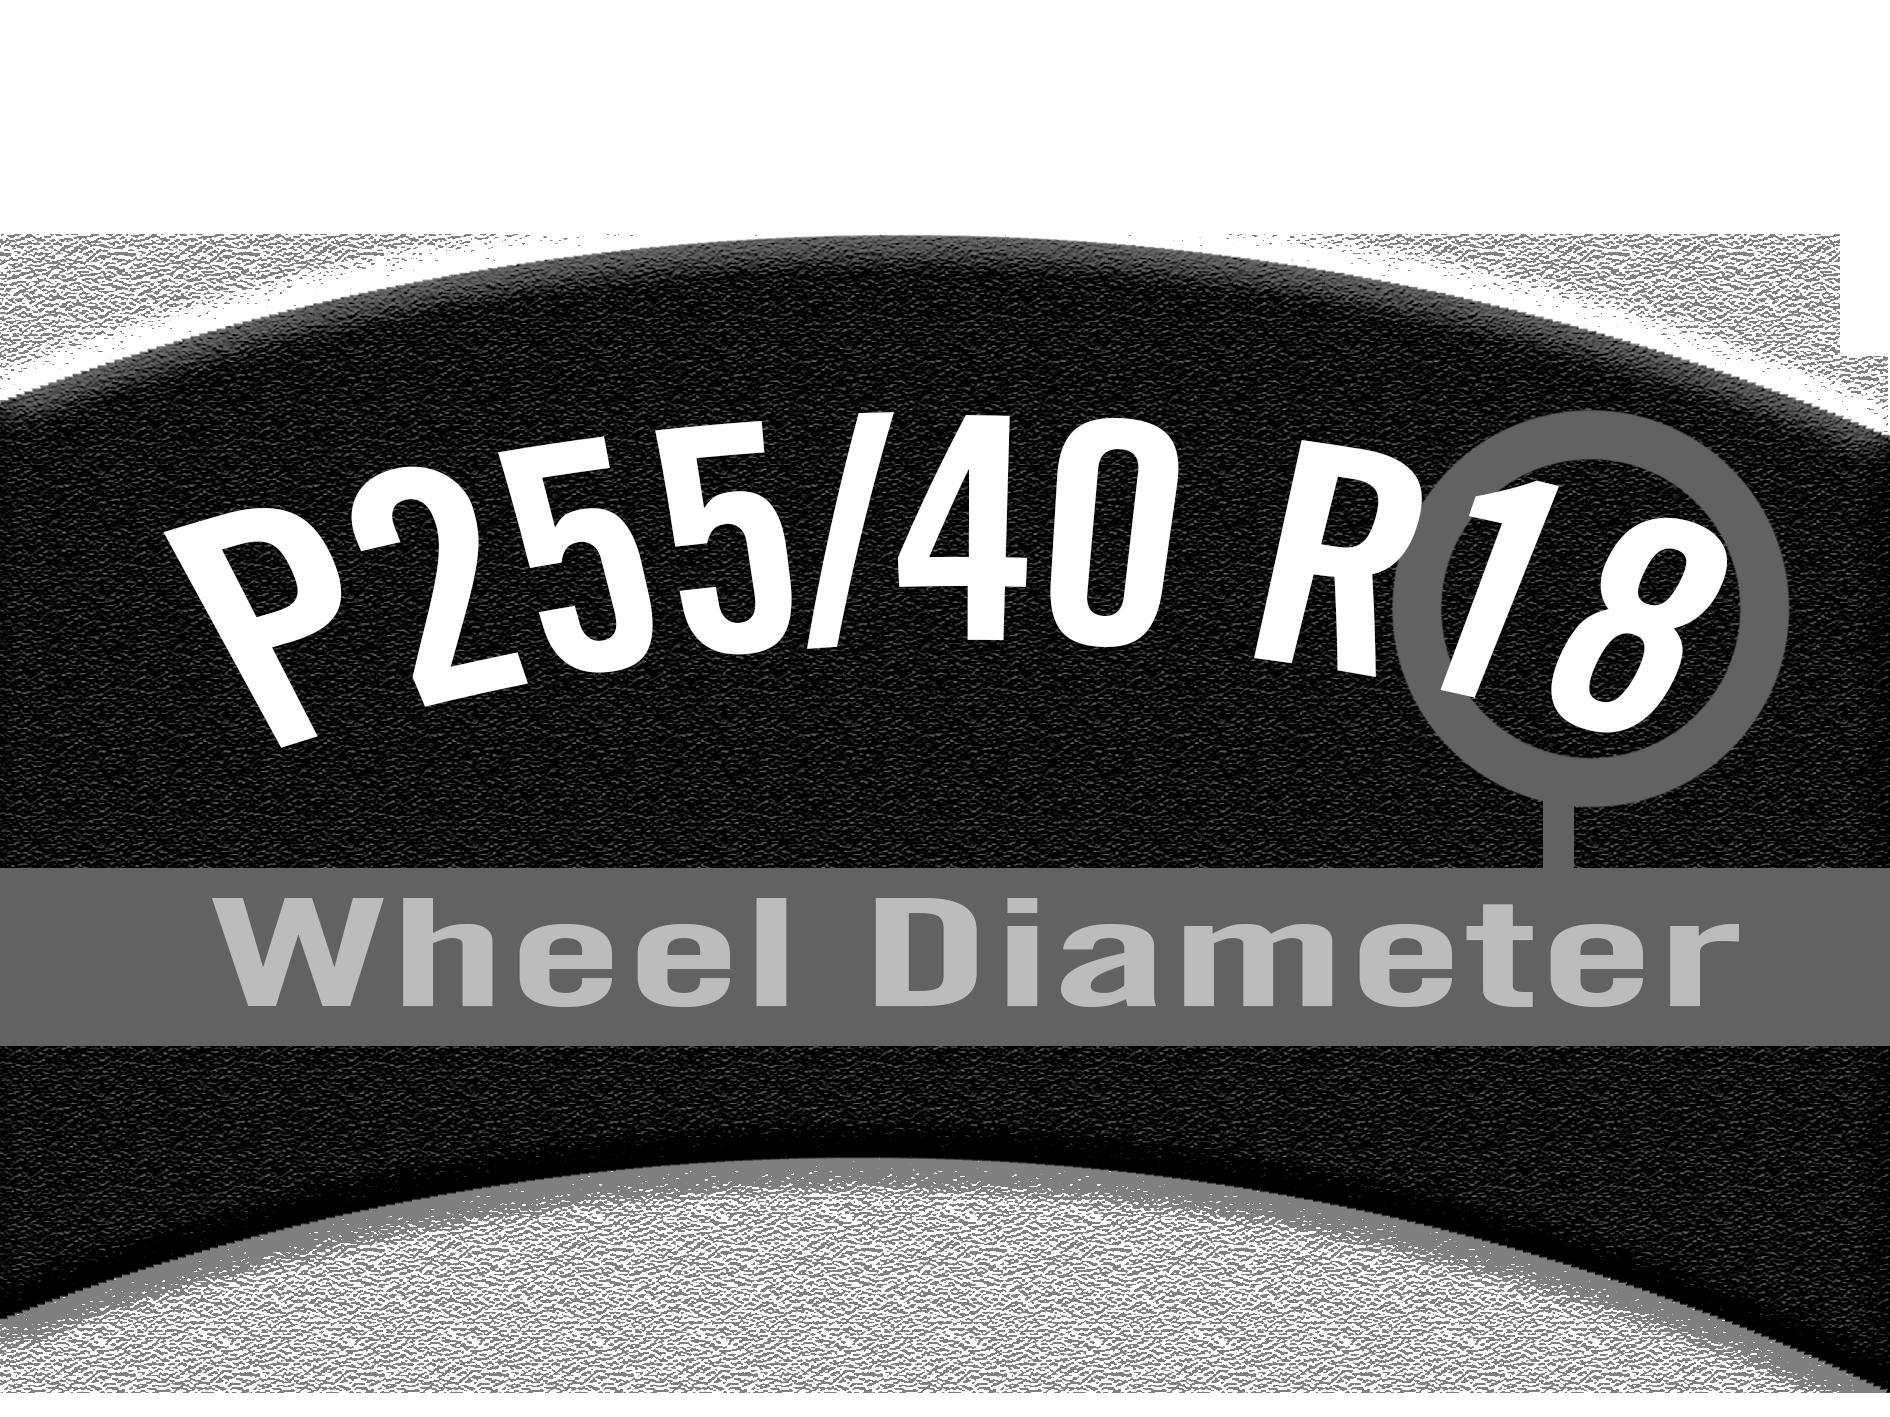 Wheel Diameter.png